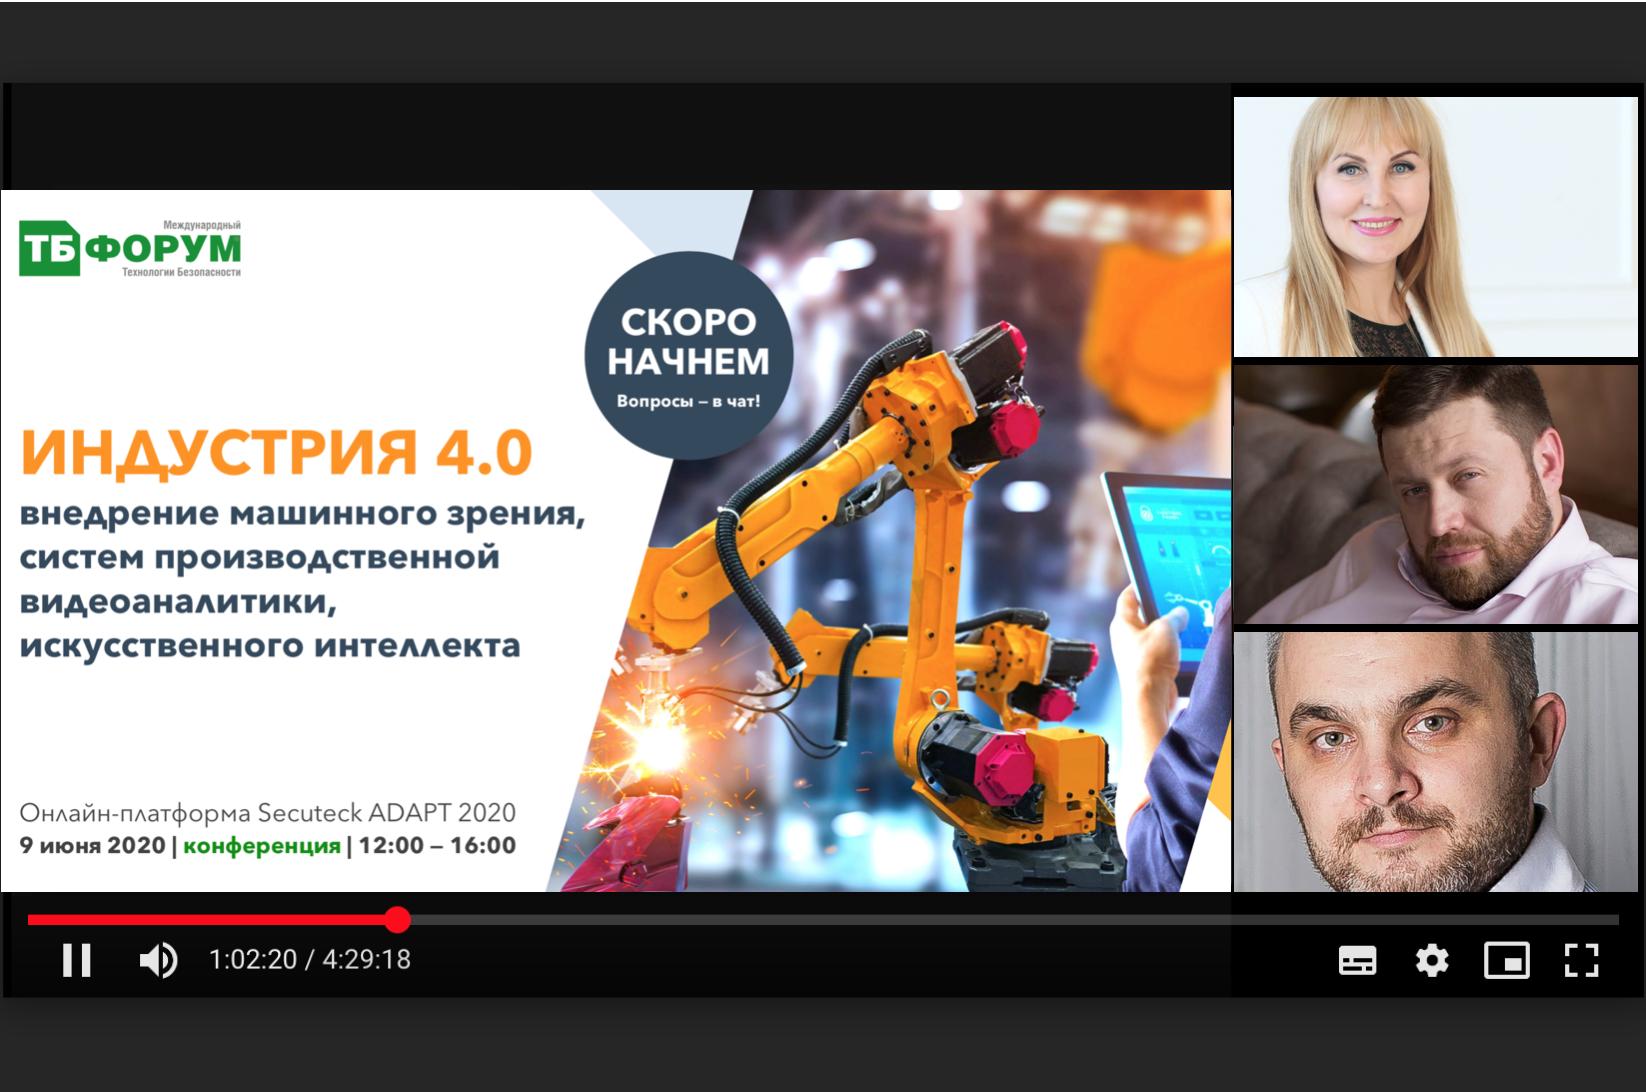 Индустрия 4.0: практические эффекты применения цифровых технологий и барьеры для внедрения